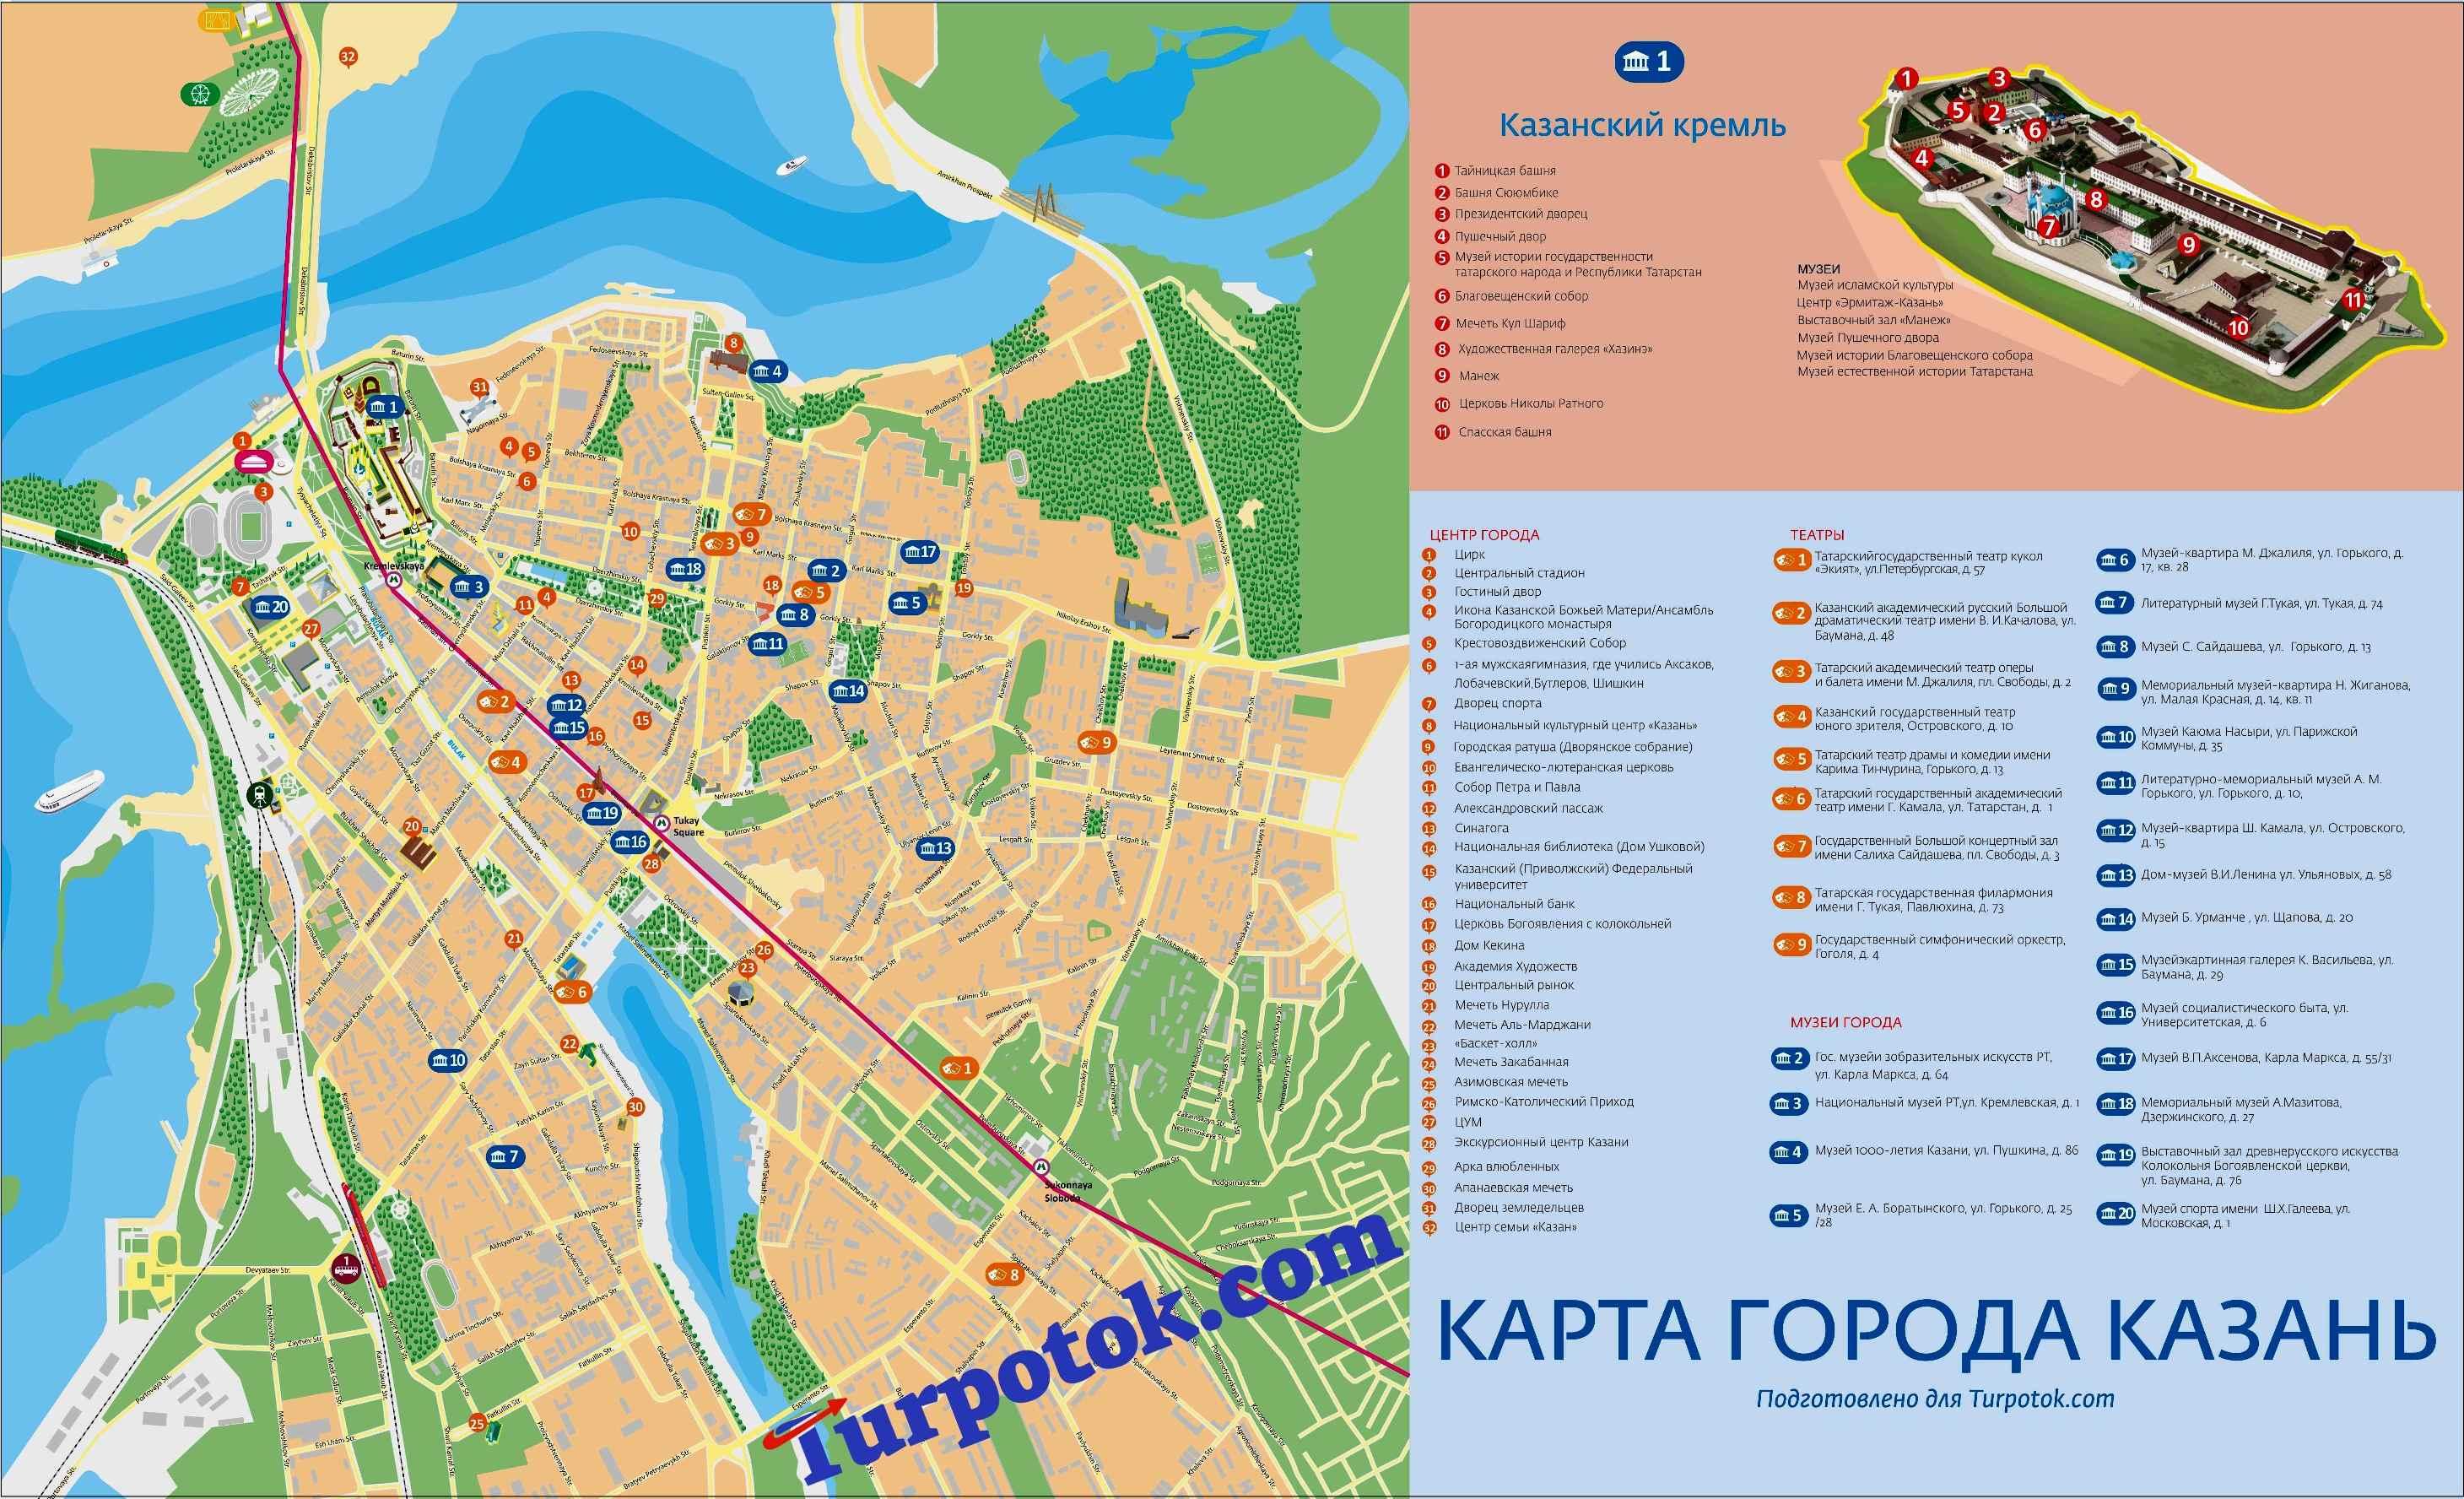 Схема города Казань с изображением Кремля, музеев, храмов и т.п.